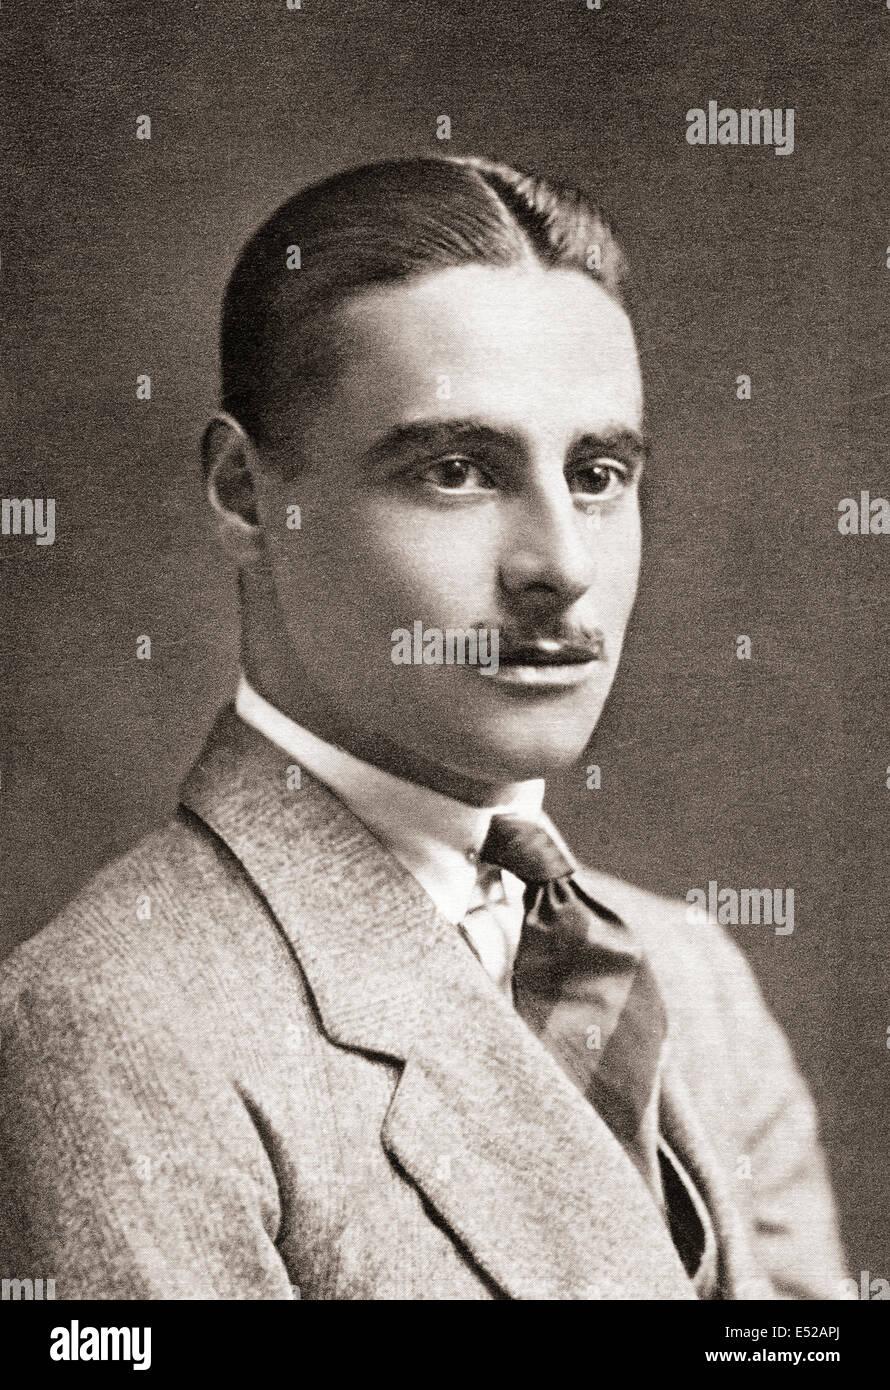 Gli onorevoli Colwyn Erasmus Arnold Philips, 1888-1915. Il capitano nel Royal Horse Guards e poeta della guerra Immagini Stock